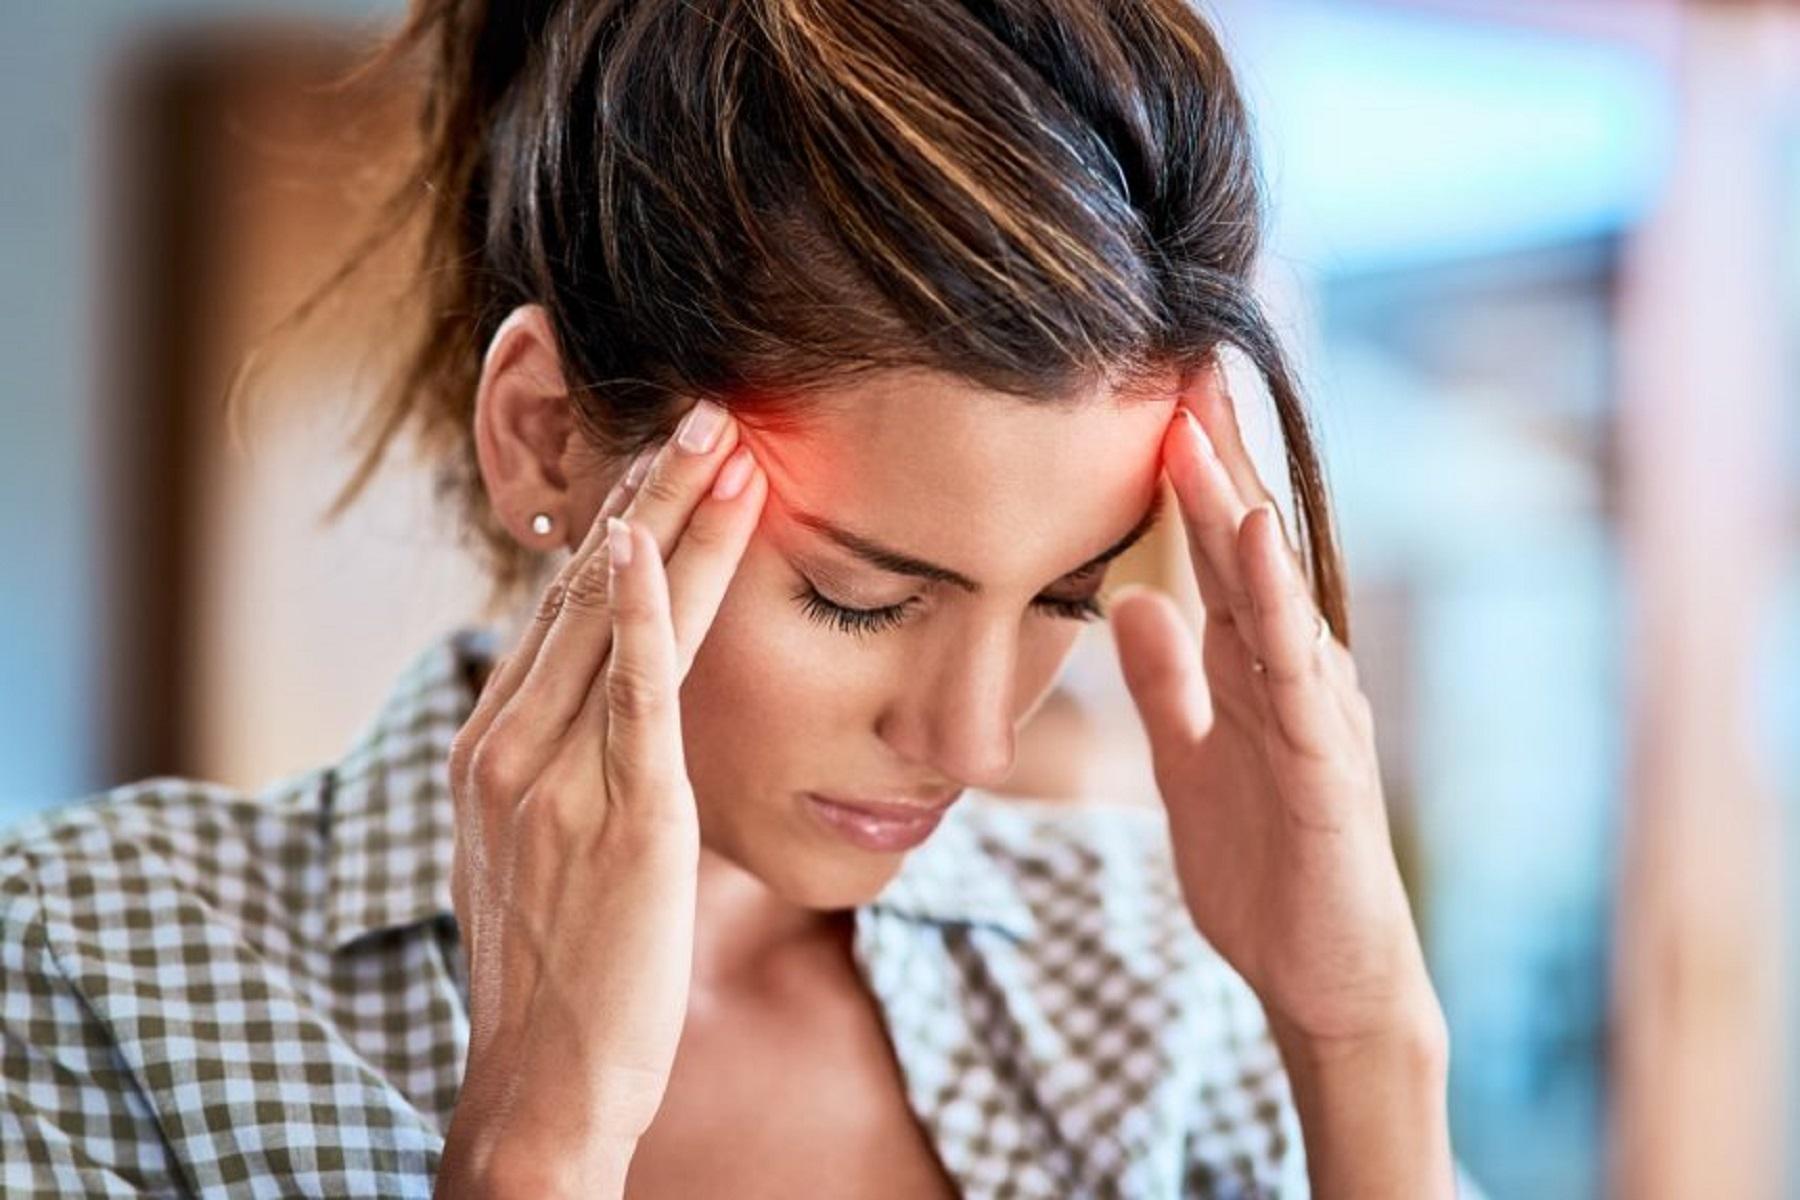 Πονοκέφαλος Φυσική Αντιμετώπιση: Καθημερινός αγώνας για πολλούς – Πώς να τον αντιμετωπίσετε φυσικά [vid]